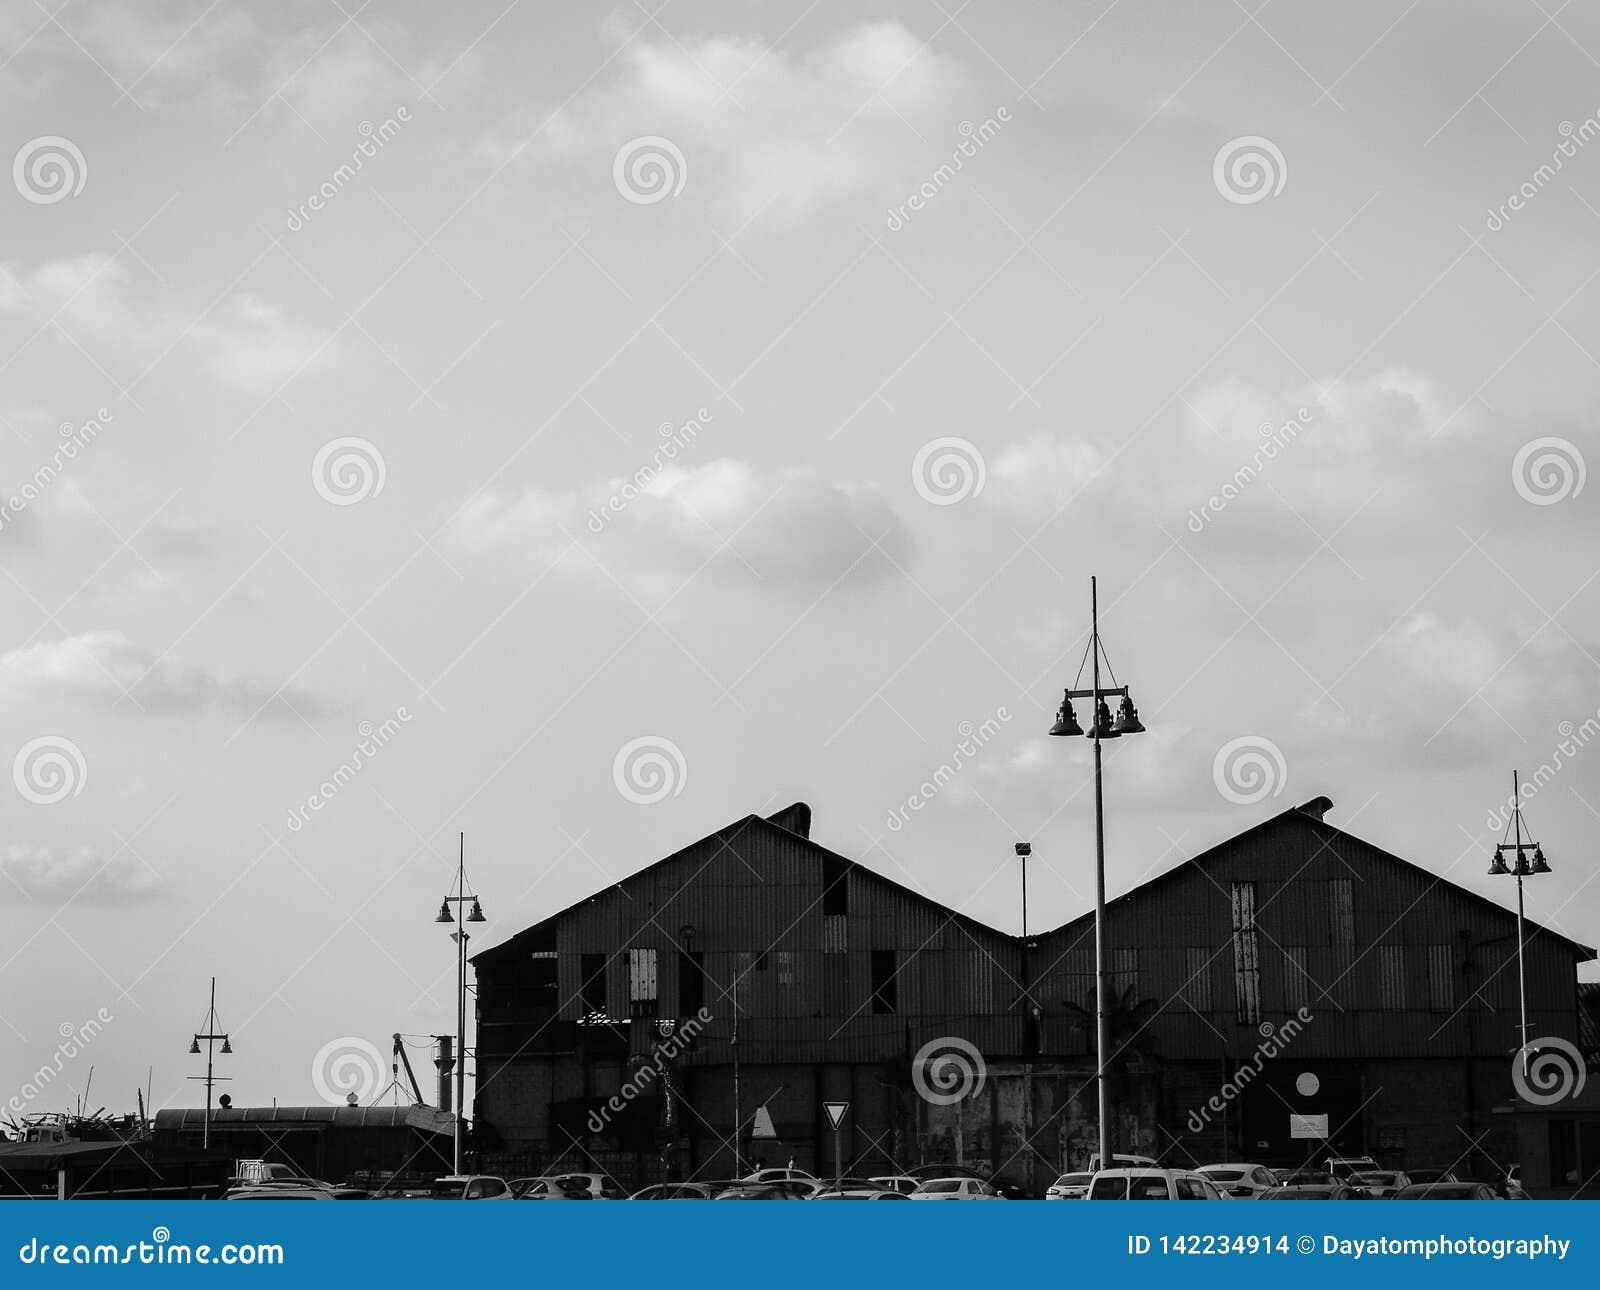 Черно-белый городской взгляд 2 верхних частей крыши больших зданий морским портом, домов шлюпки с высокорослыми лампами города во